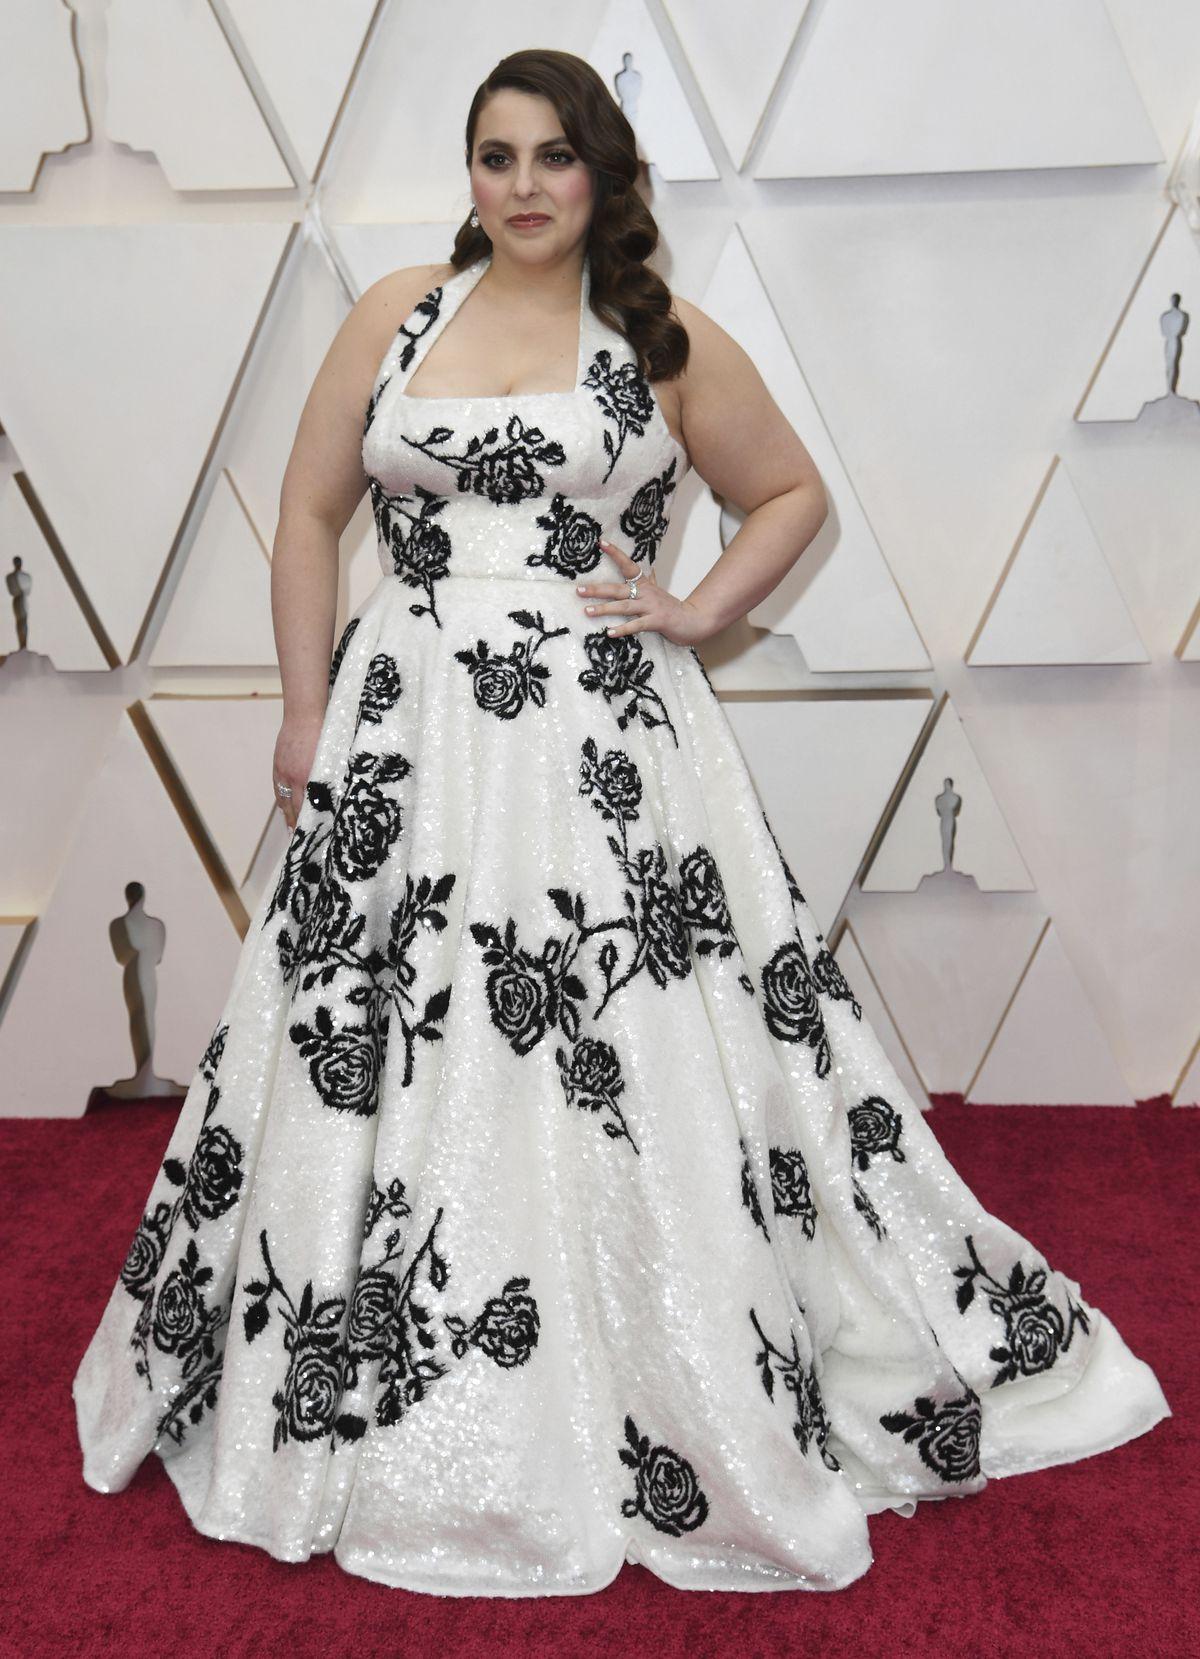 Beanie Feldstein arrives at the Oscars on Sunday night.